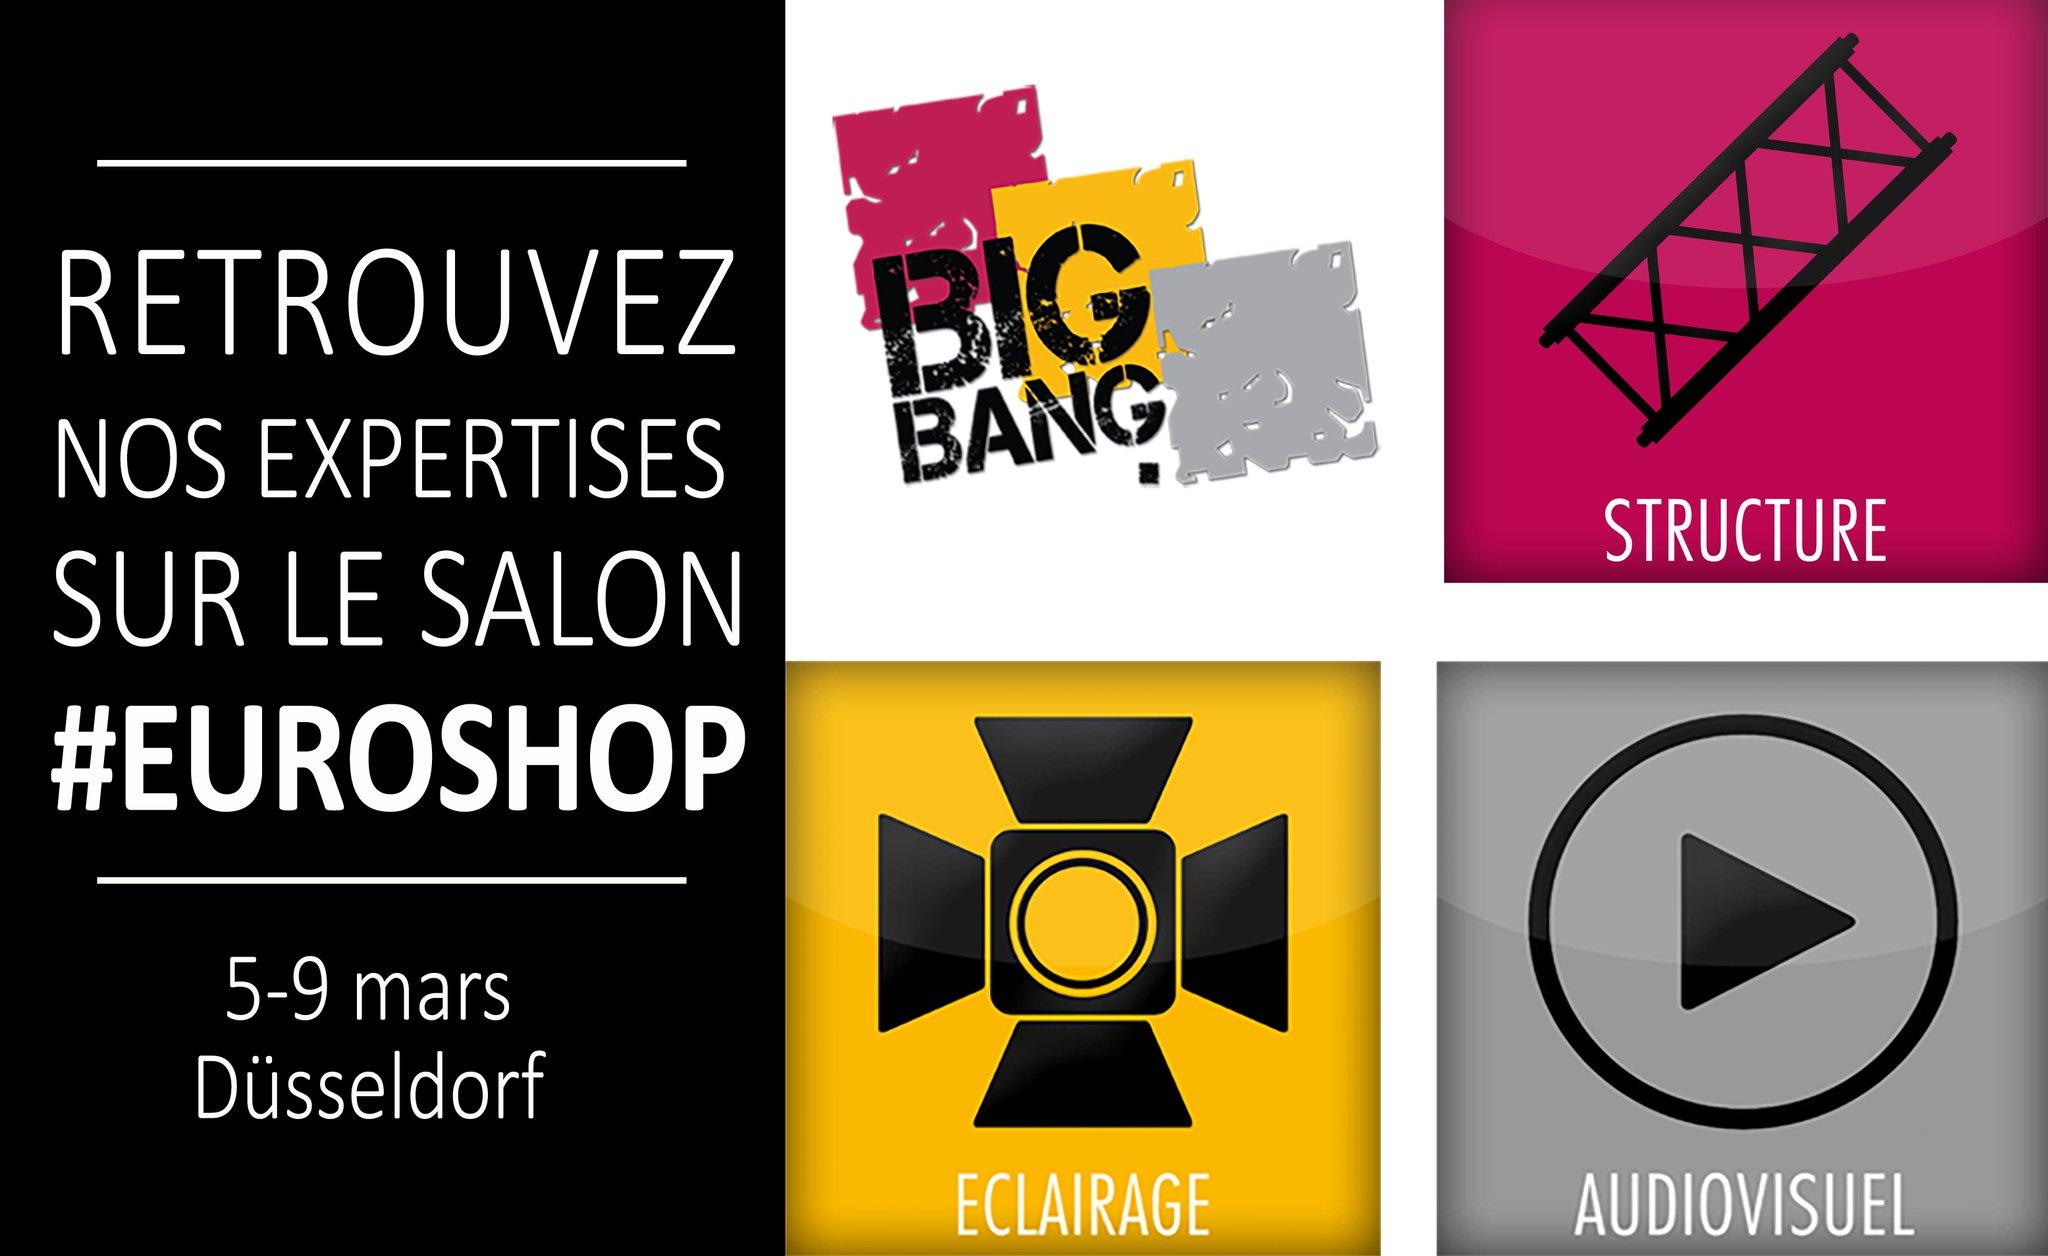 Big Bang accompagne ses clients sur @EuroShop ! Vous avez jusqu'au 9 mars pour visiter le #salon ! #eventprofs #éclairage #audiovisuel https://t.co/NC92K4Hnhi